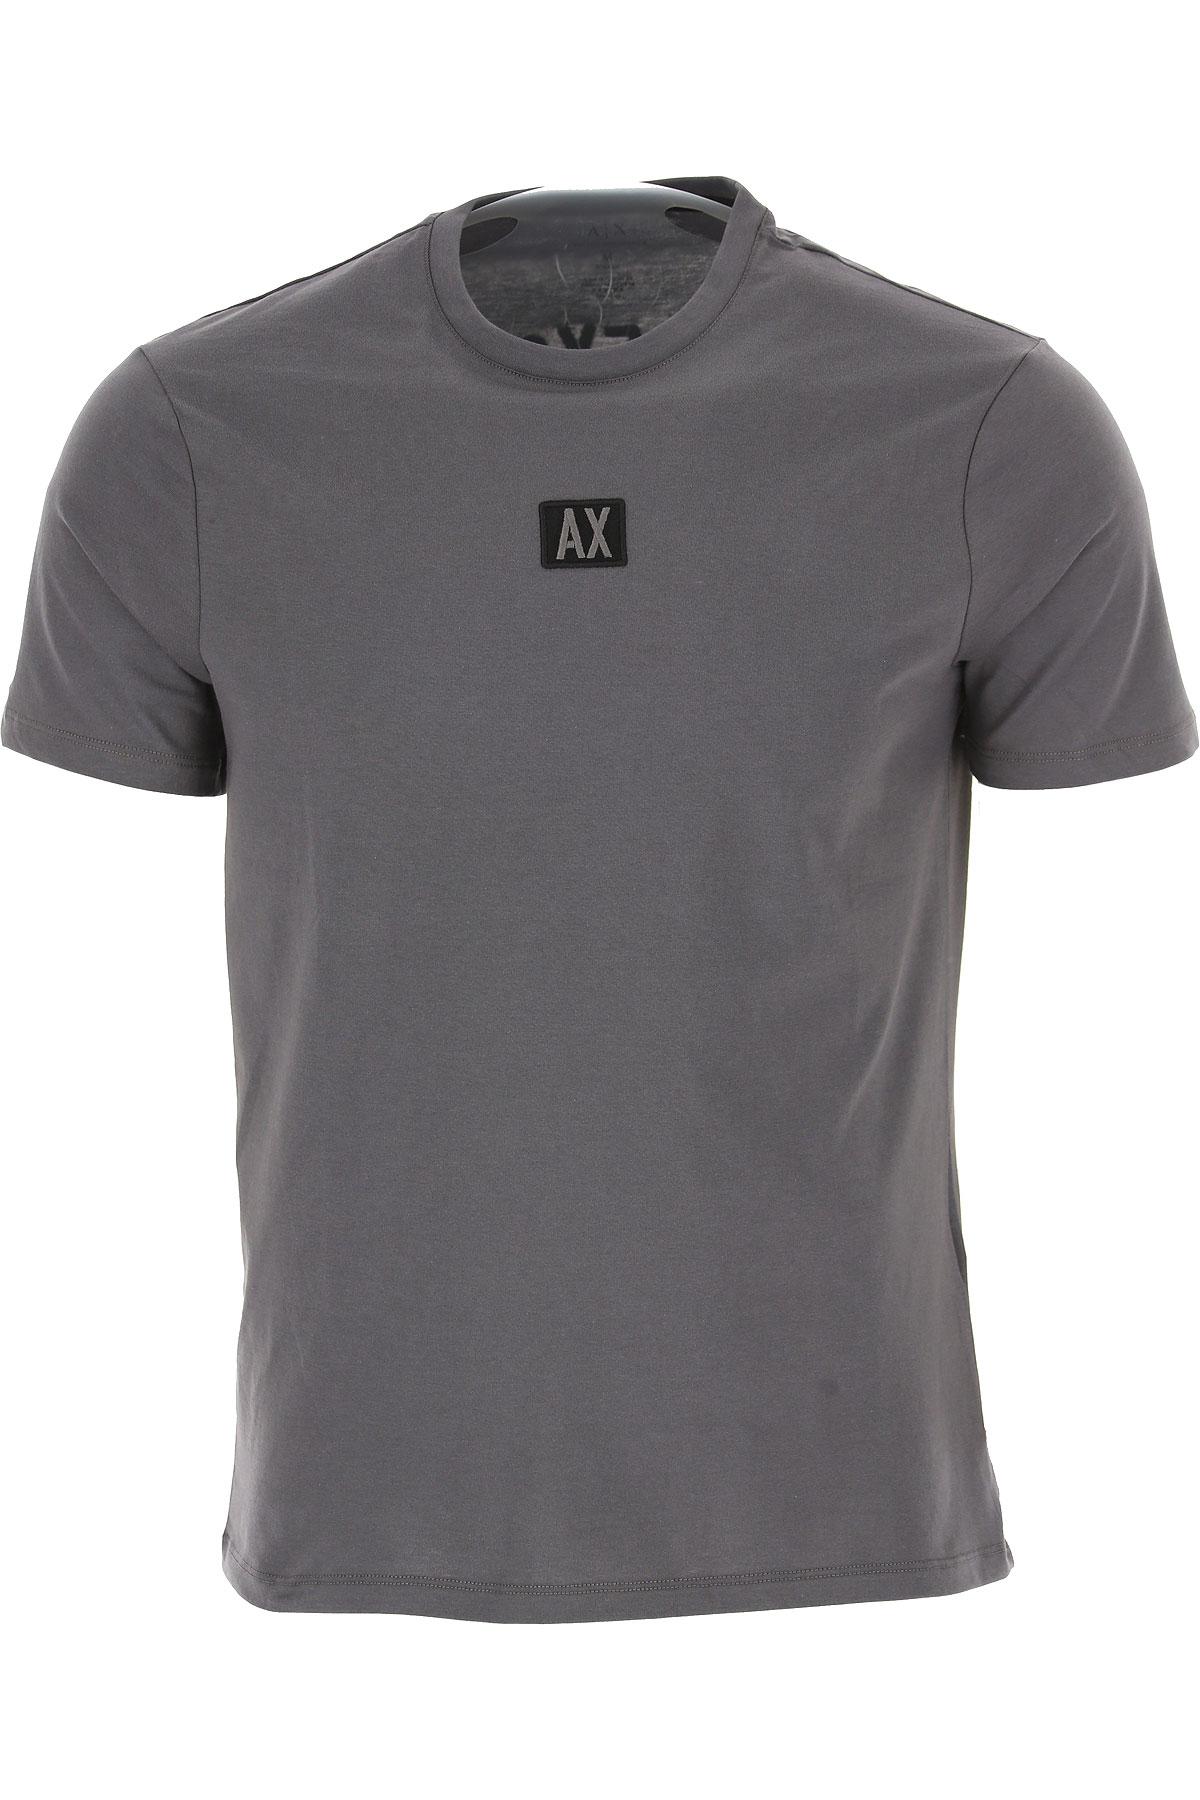 Emporio Armani T-shirt Homme Pas Cher En Soldes, Gris Aimant, Coton, 2019, L M S XL